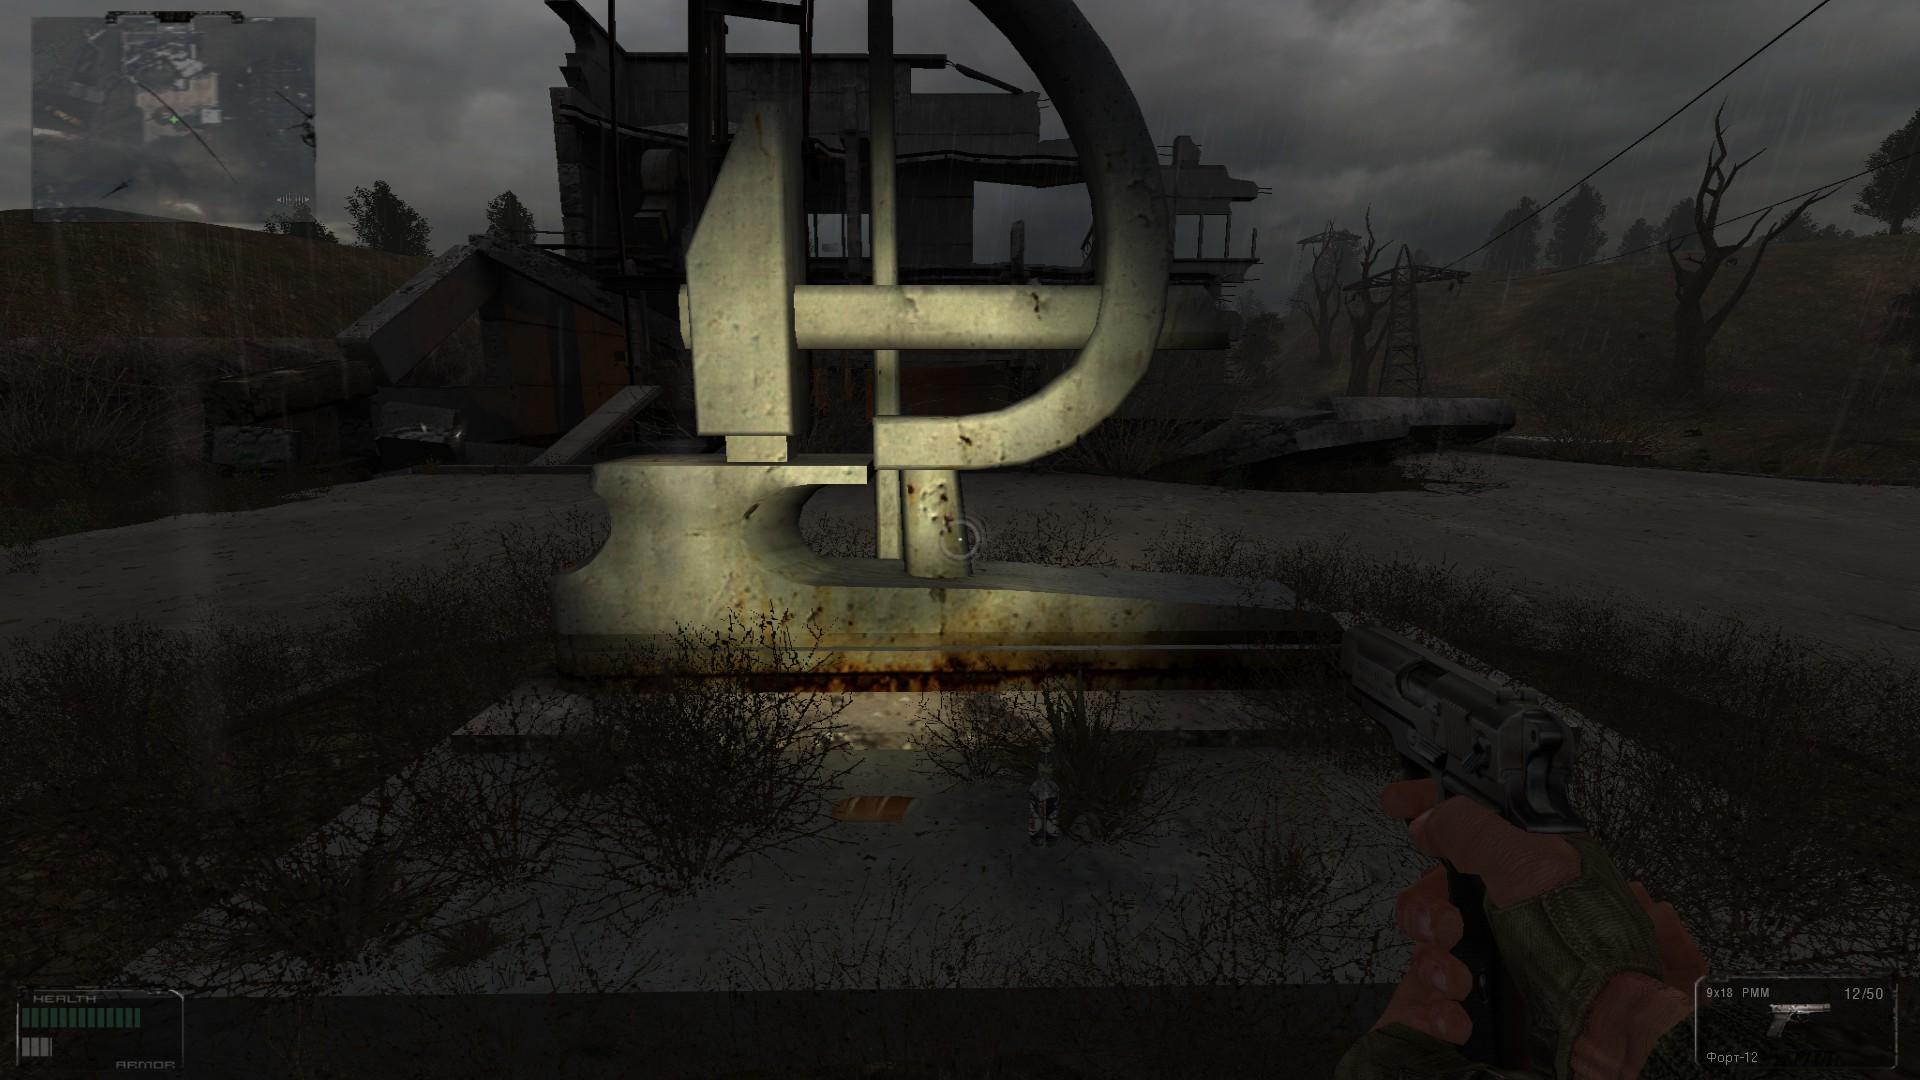 Oblivion Lost Remake 2.5 image 69